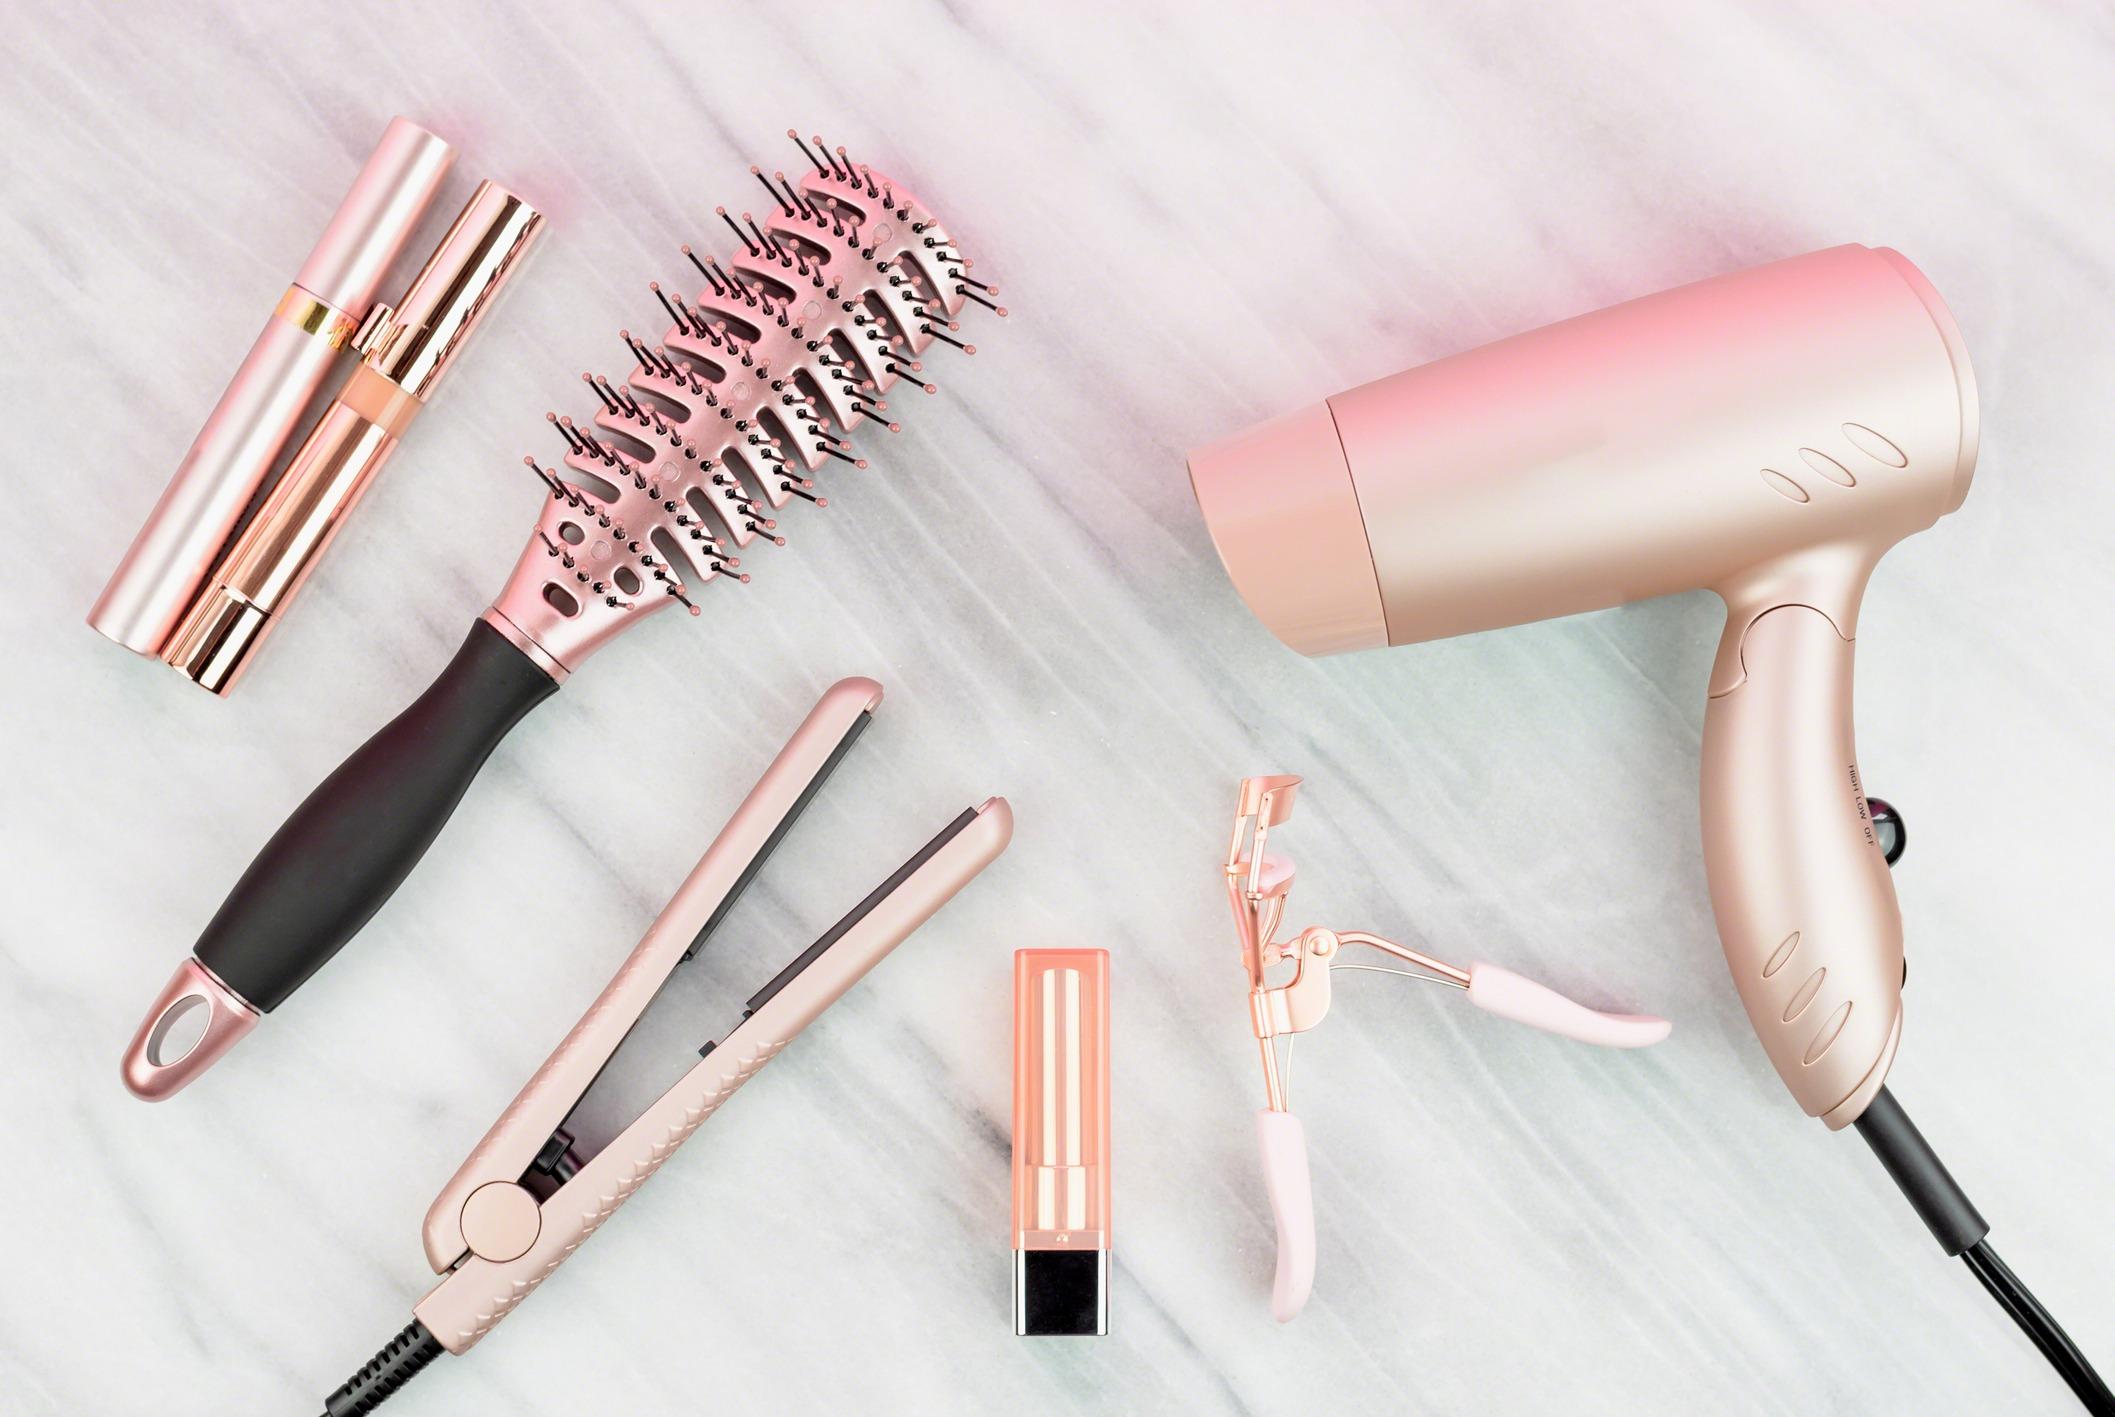 Αυτά είναι τα καλύτερα εργαλεία styling για λεπτά μαλλιά!